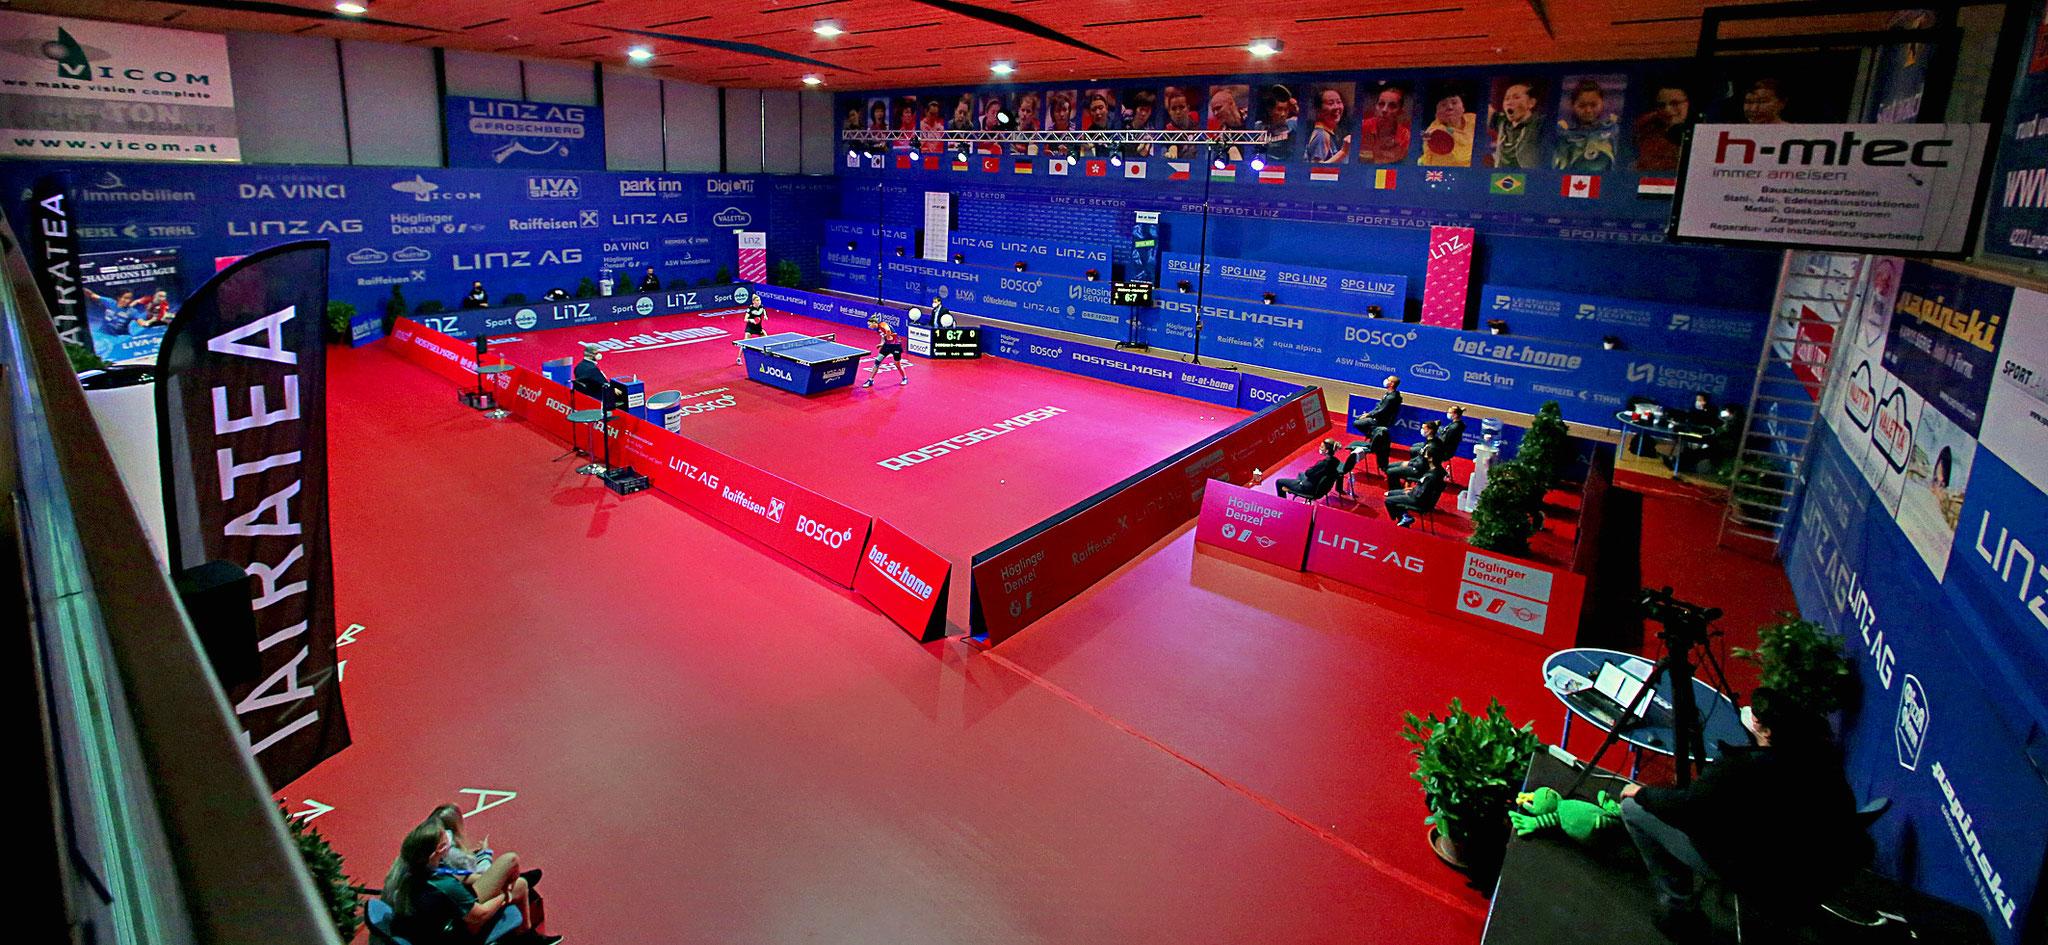 FOTO PLOHE - LIVA Sportpark LIssfeld TT Halle